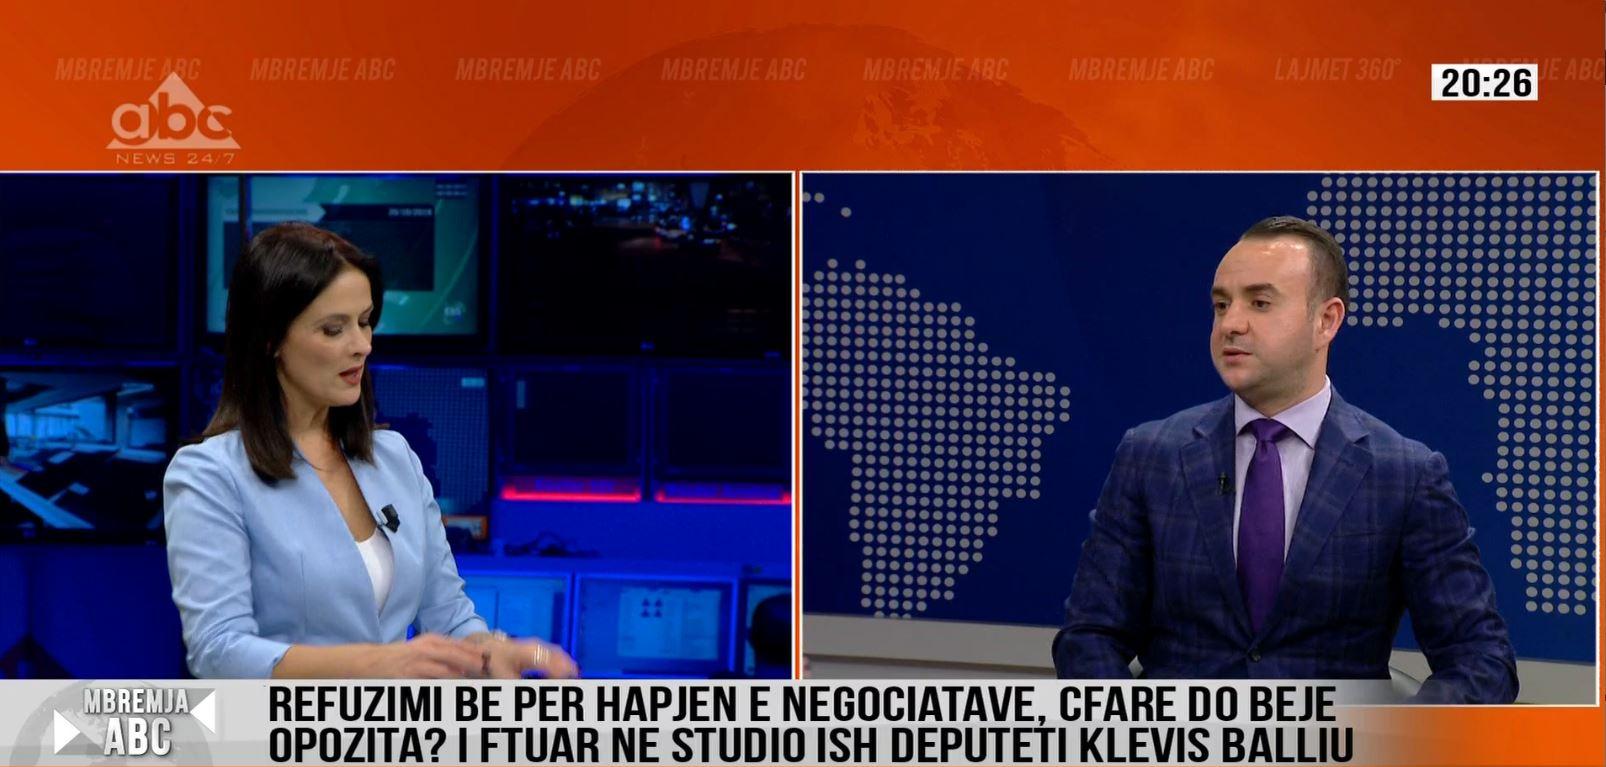 Balliu: Shqiptarët vuajnë për ujin e pijshëm ky do të hapë negociatat?!